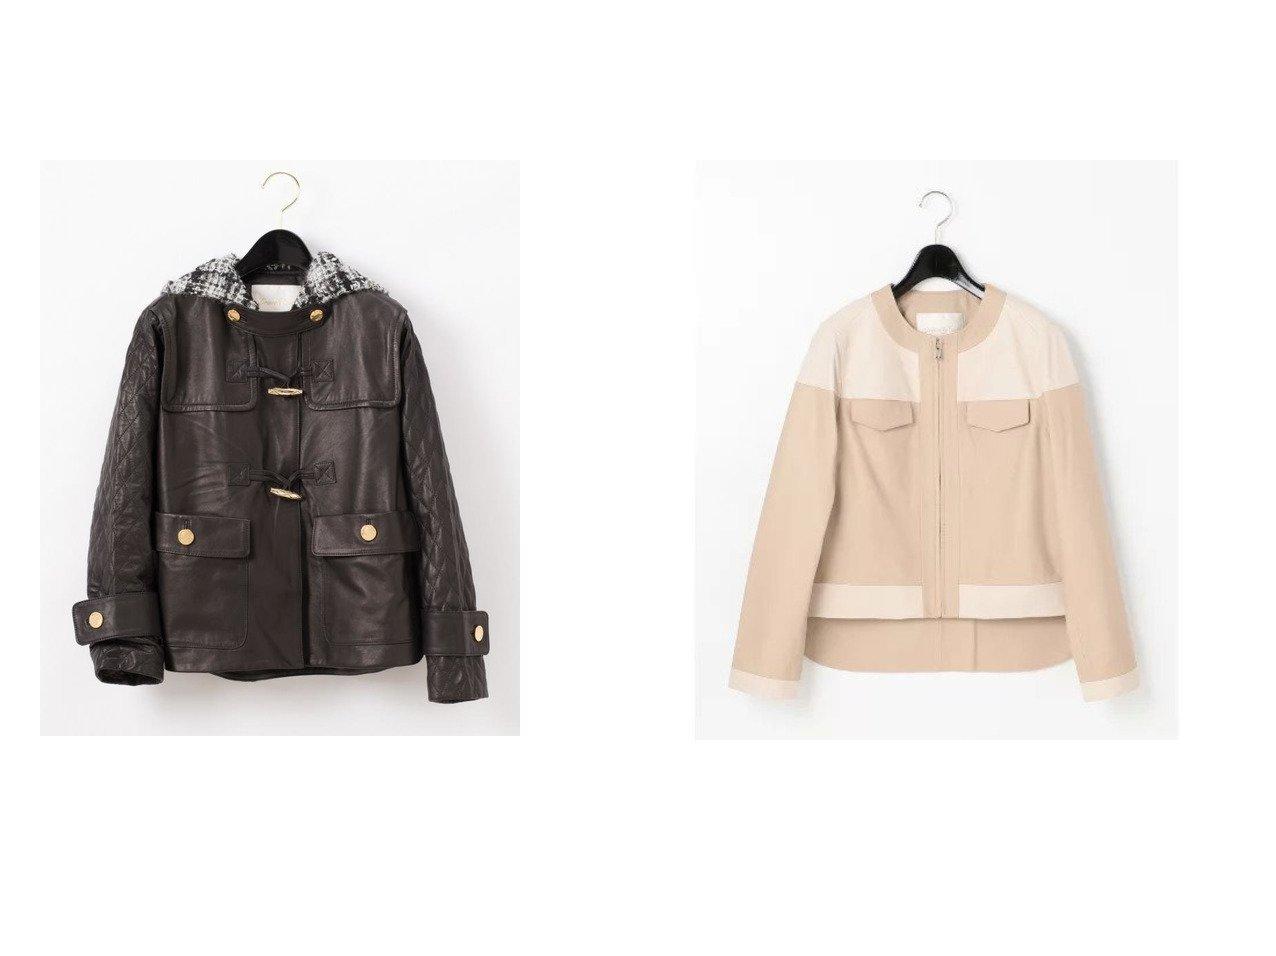 【GRACE CONTINENTAL/グレース コンチネンタル】のツイードフードレザージャケット&バイカラーレザージャケット グレース コンチネンタルのおすすめ!人気、トレンド・レディースファッションの通販 おすすめで人気の流行・トレンド、ファッションの通販商品 メンズファッション・キッズファッション・インテリア・家具・レディースファッション・服の通販 founy(ファニー) https://founy.com/ ファッション Fashion レディースファッション WOMEN アウター Coat Outerwear コート Coats ジャケット Jackets ダッフルコート Duffle Coats ブルゾン Blouson Jackets キルティング クラシック ジャケット ダッフルコート バランス ビンテージ フランス メタル ラグジュアリー 再入荷 Restock/Back in Stock/Re Arrival シンプル パターン フレア ブルゾン |ID:crp329100000022030